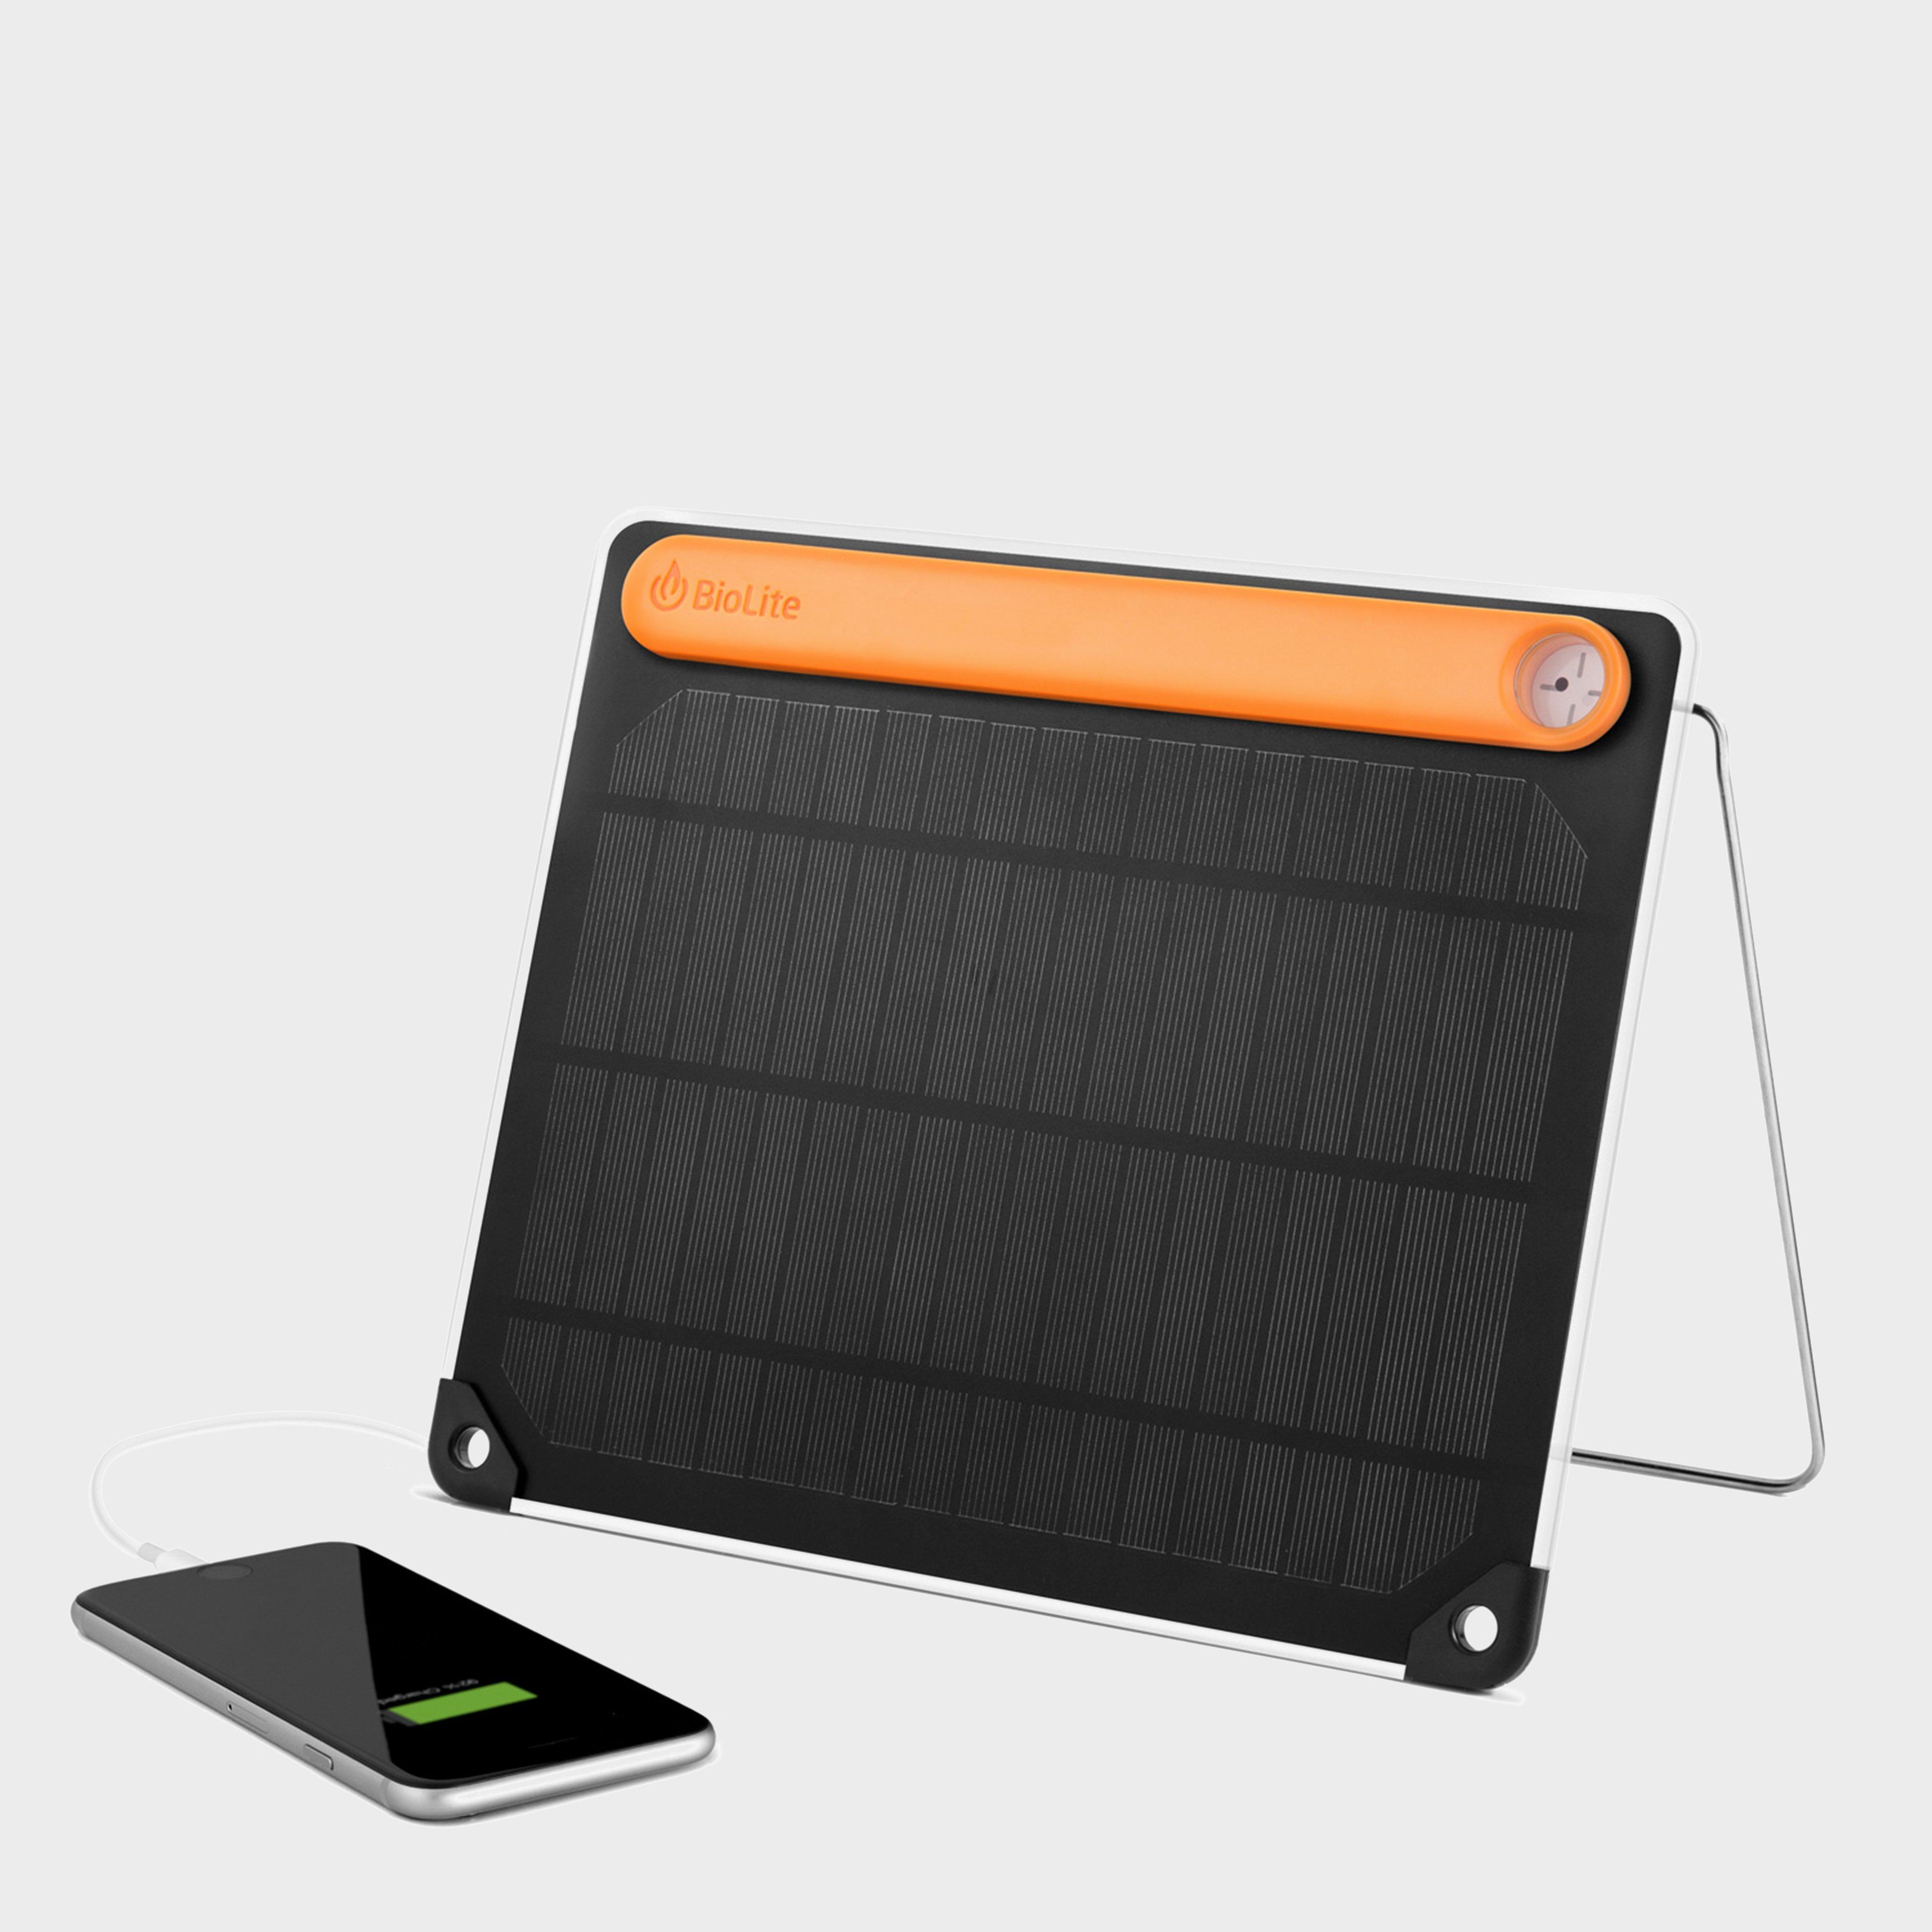 Biolite Solar Panel 5+ - Black/plus  Black/plus